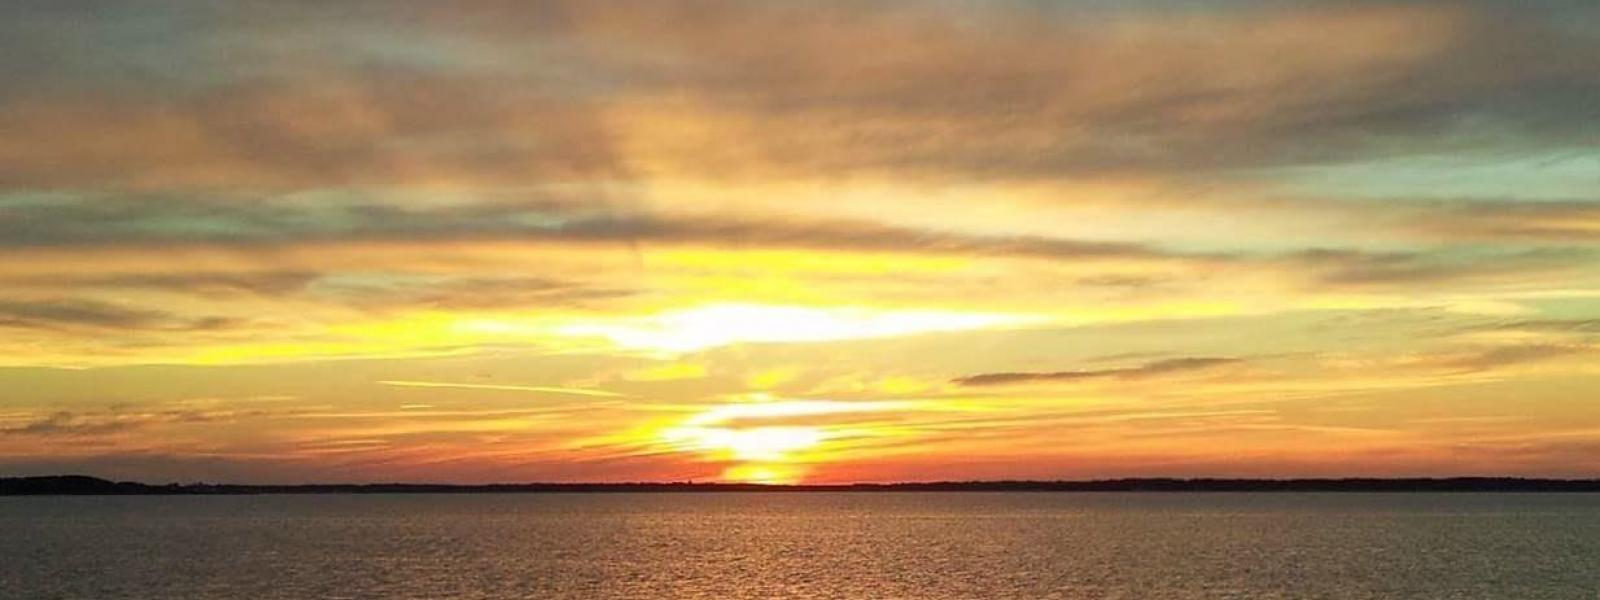 Sun setting at Ocean View